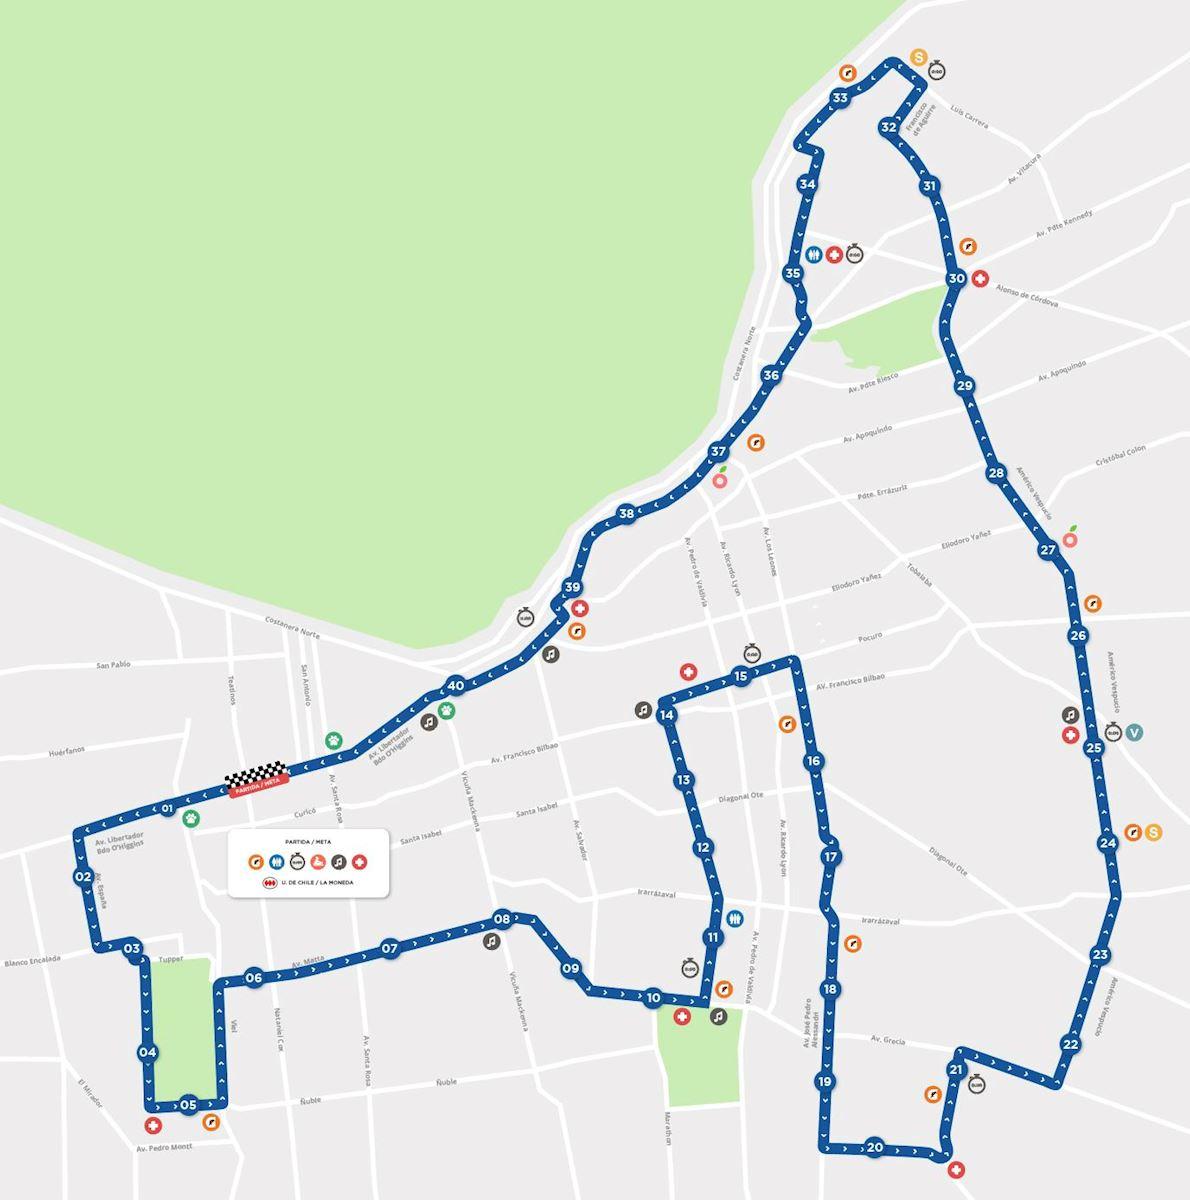 Maratón de Santiago MAPA DEL RECORRIDO DE